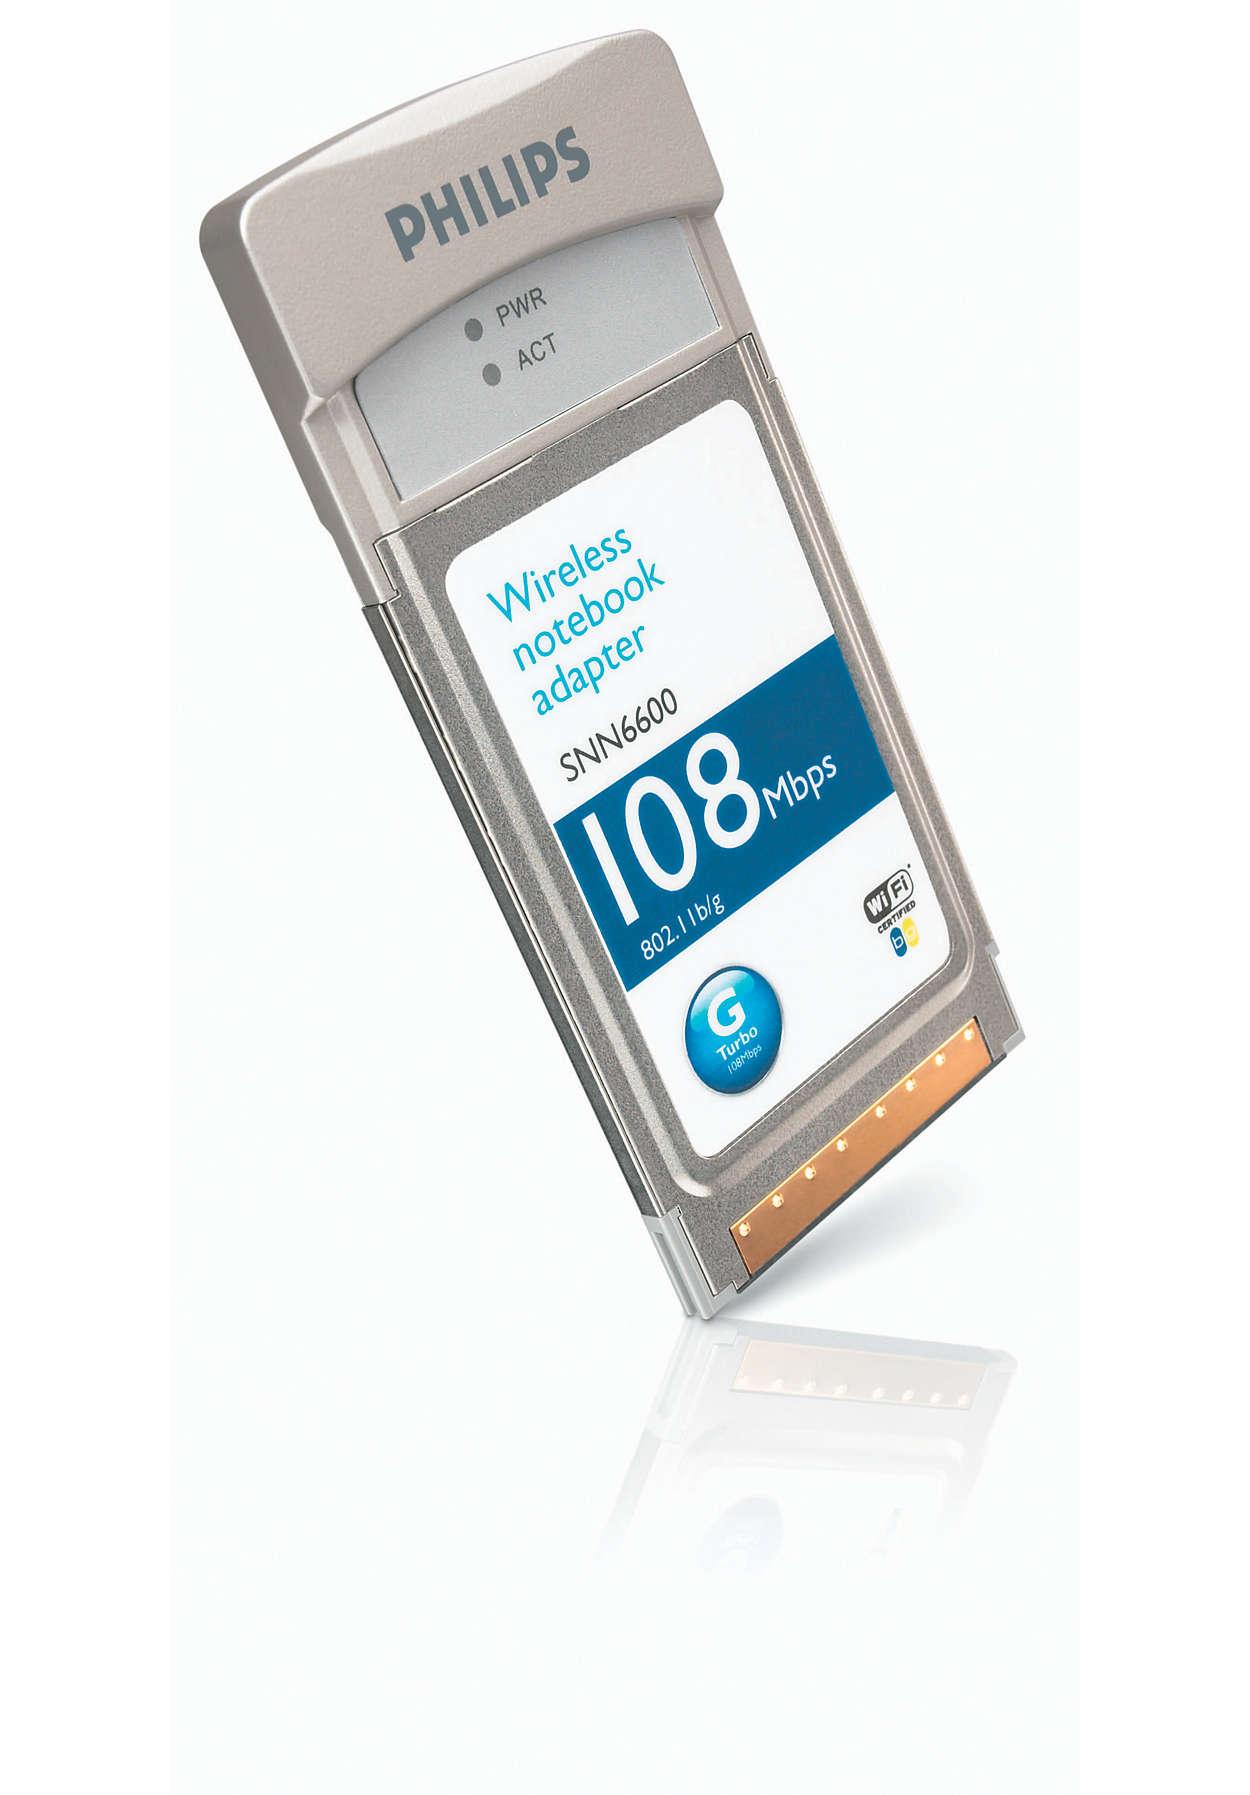 Adattatore WiFi per PC portatili